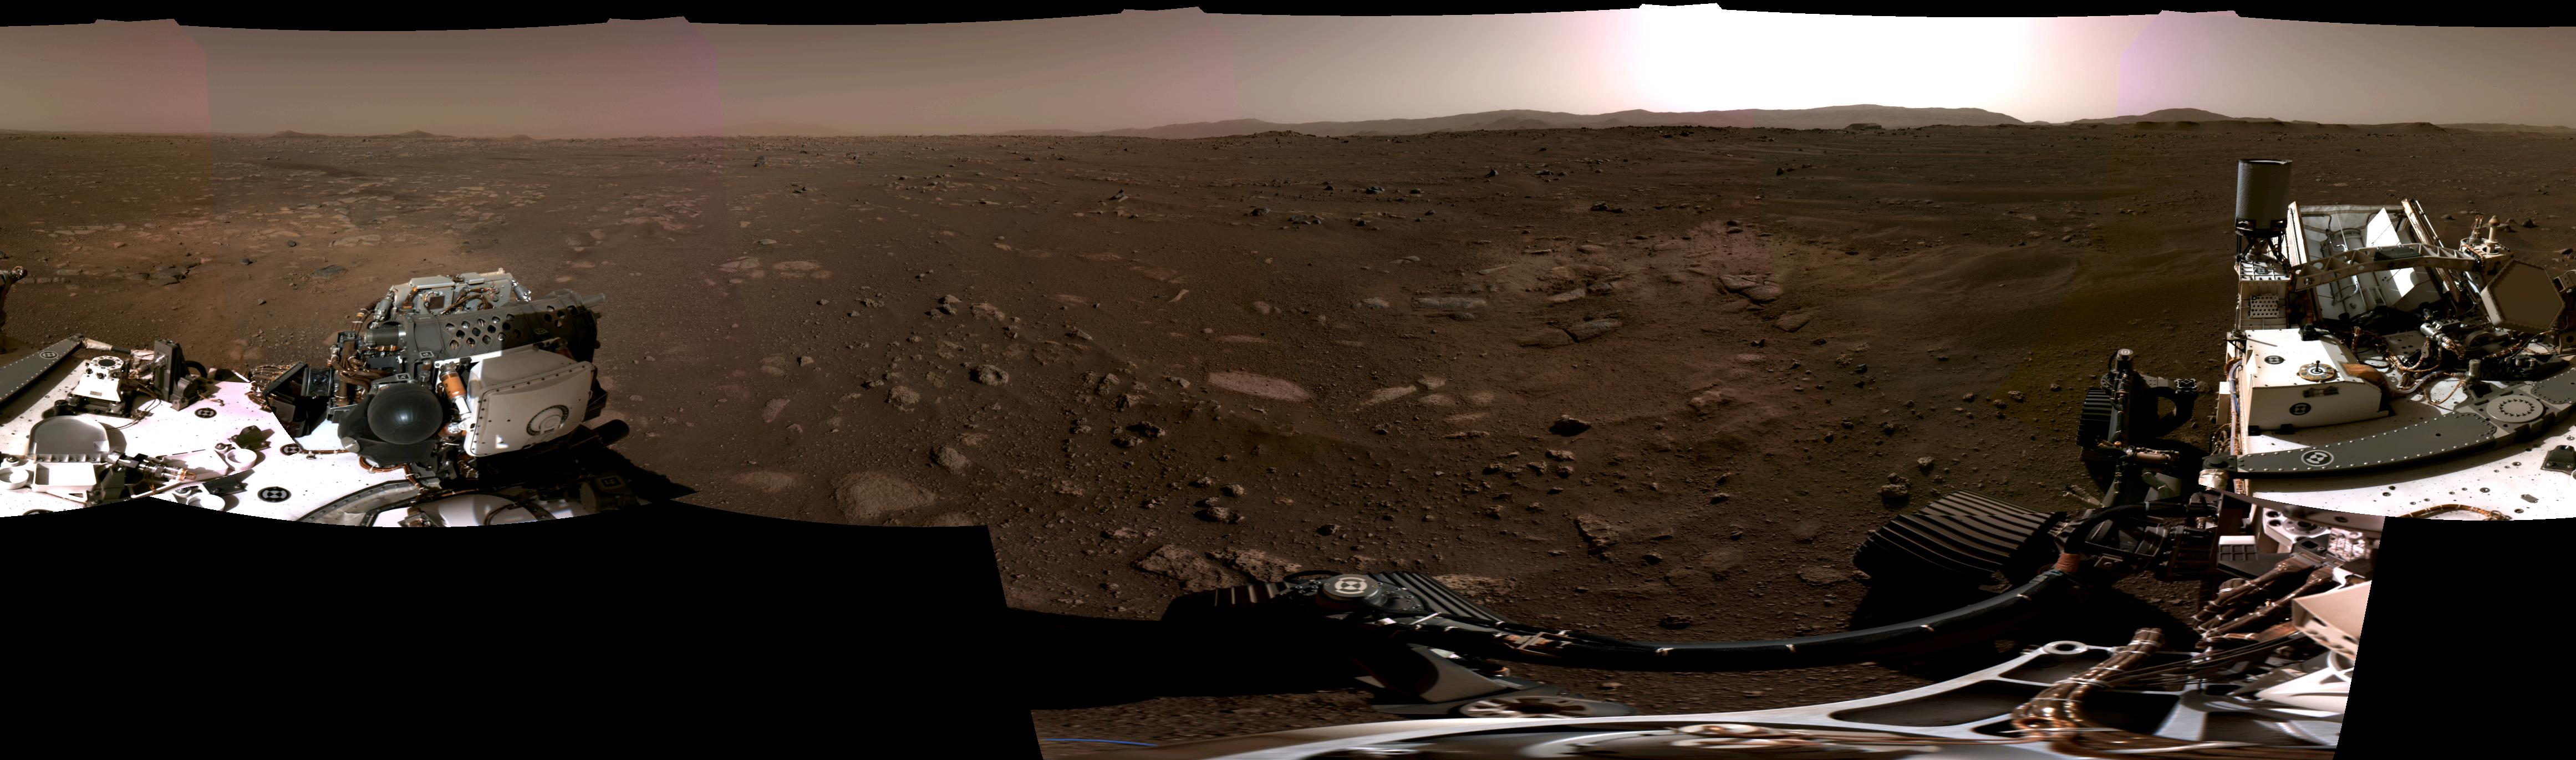 Il s'agit de la première image panoramique prise par le rover Perseverance de la NASA.  L'image (composée de six images) a été prise le 20 février 2021.